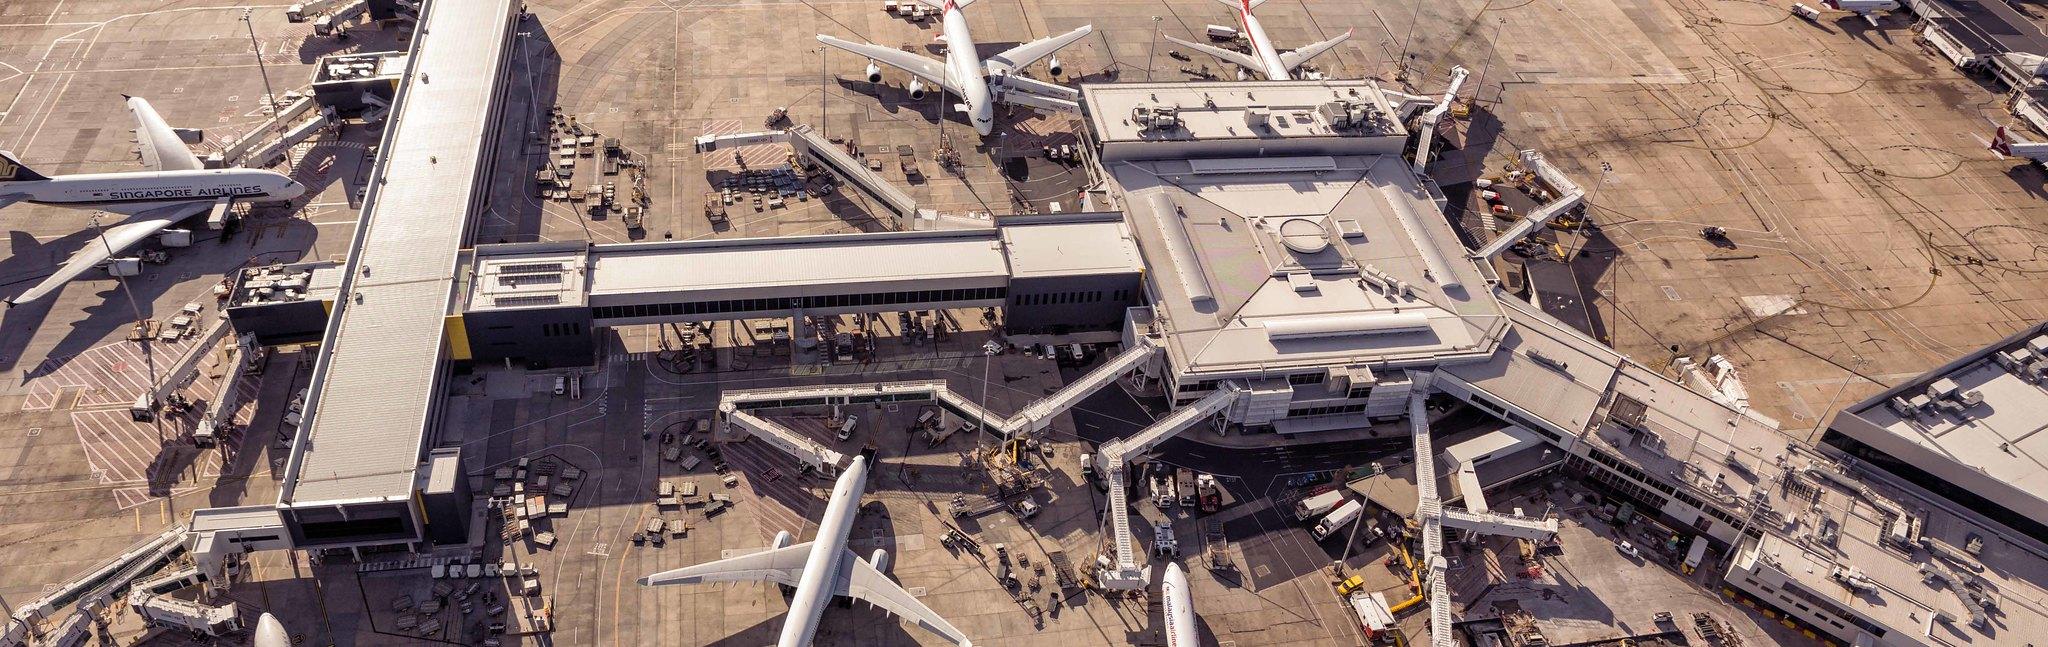 13483-Air-Services-Australia